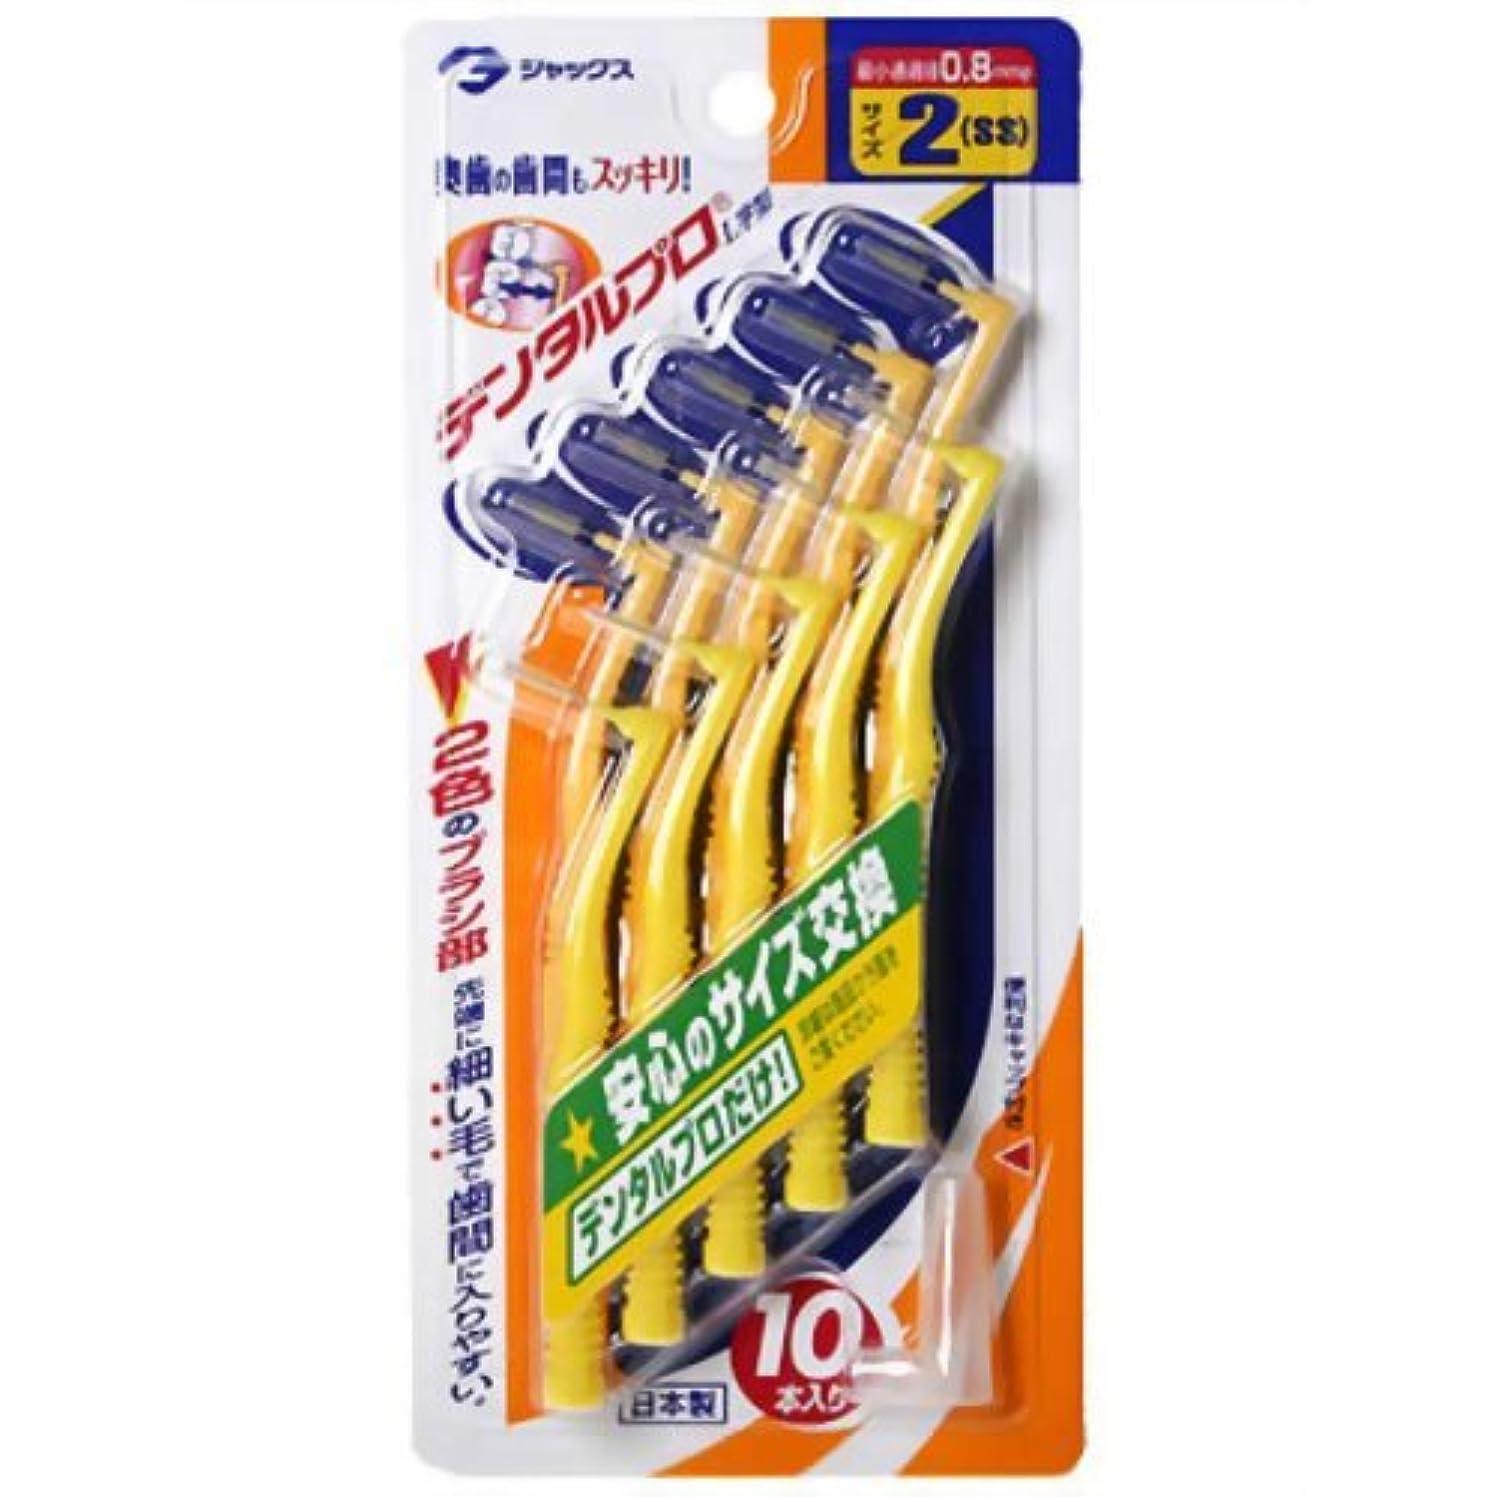 に渡って冷ややかな恵みデンタルプロ L字型歯間ブラシ サイズ2(SS) ×5個セット